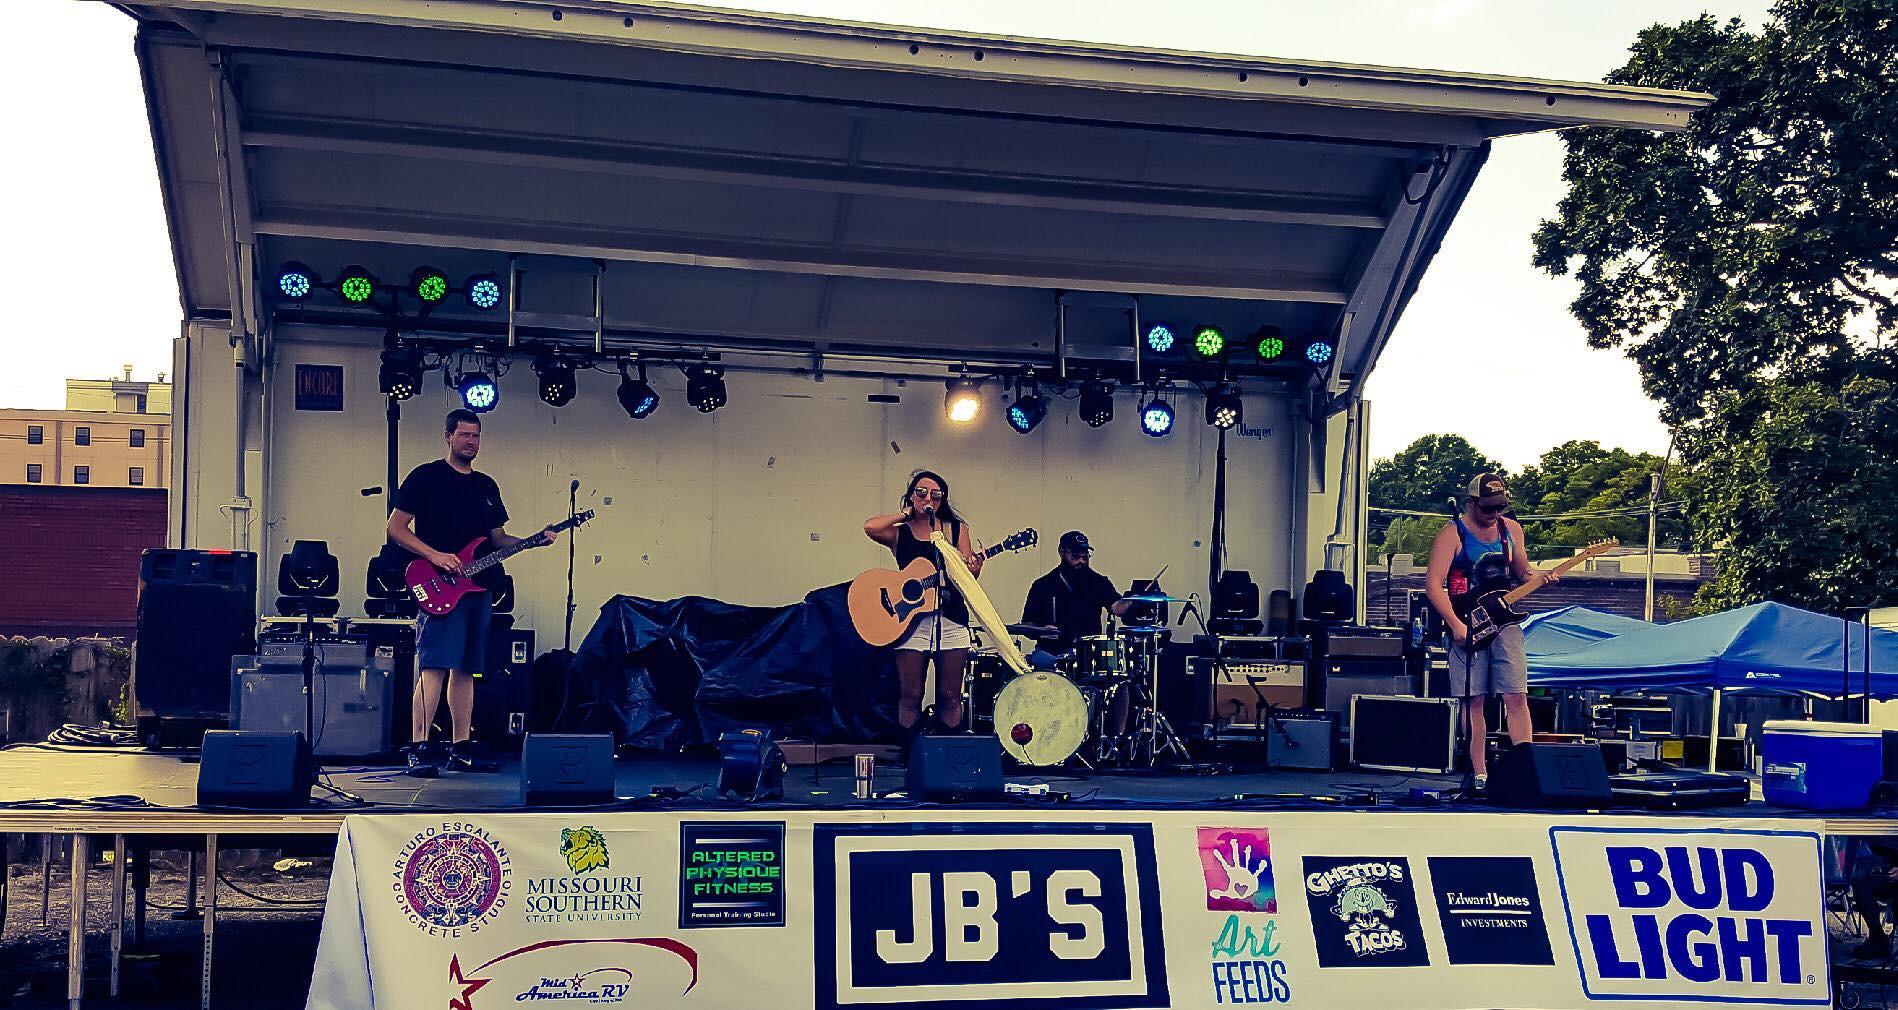 jbs show.jpg